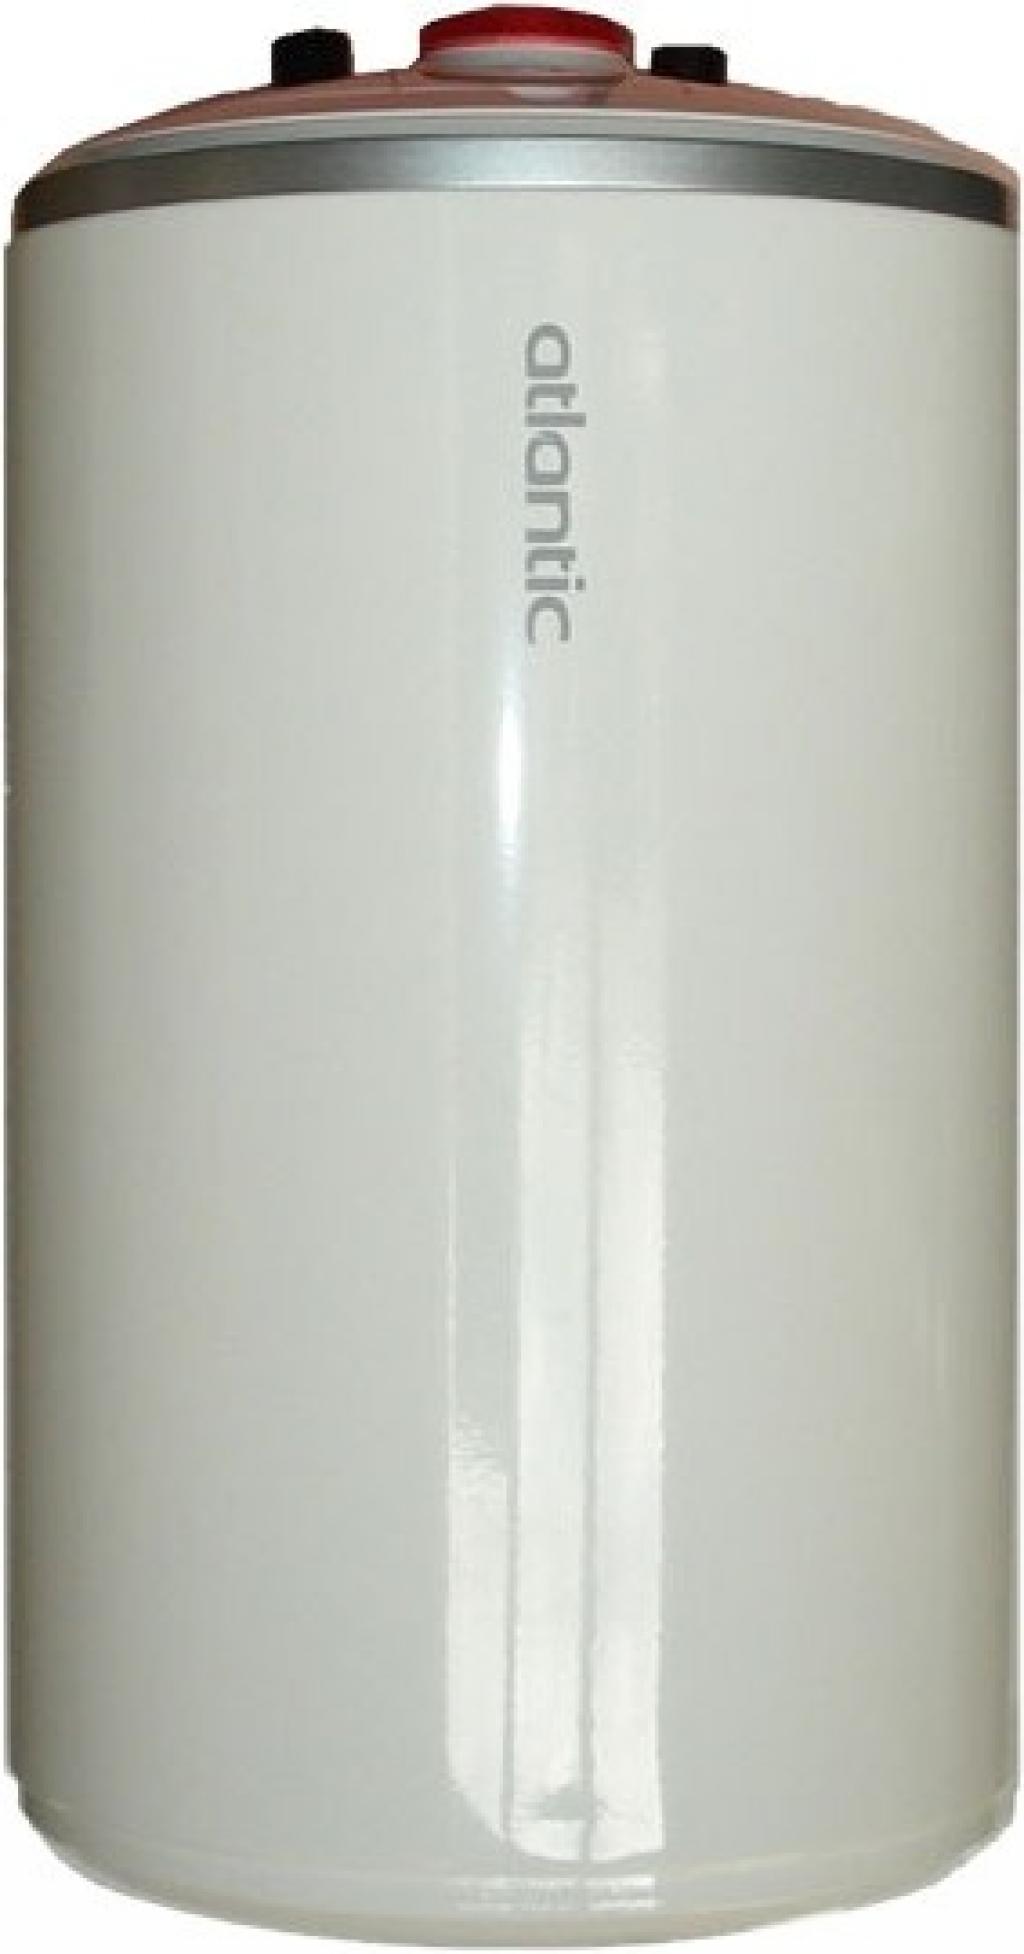 Обемен бойлер Atlantic O Pro Plus 10U - за монтаж под мивка